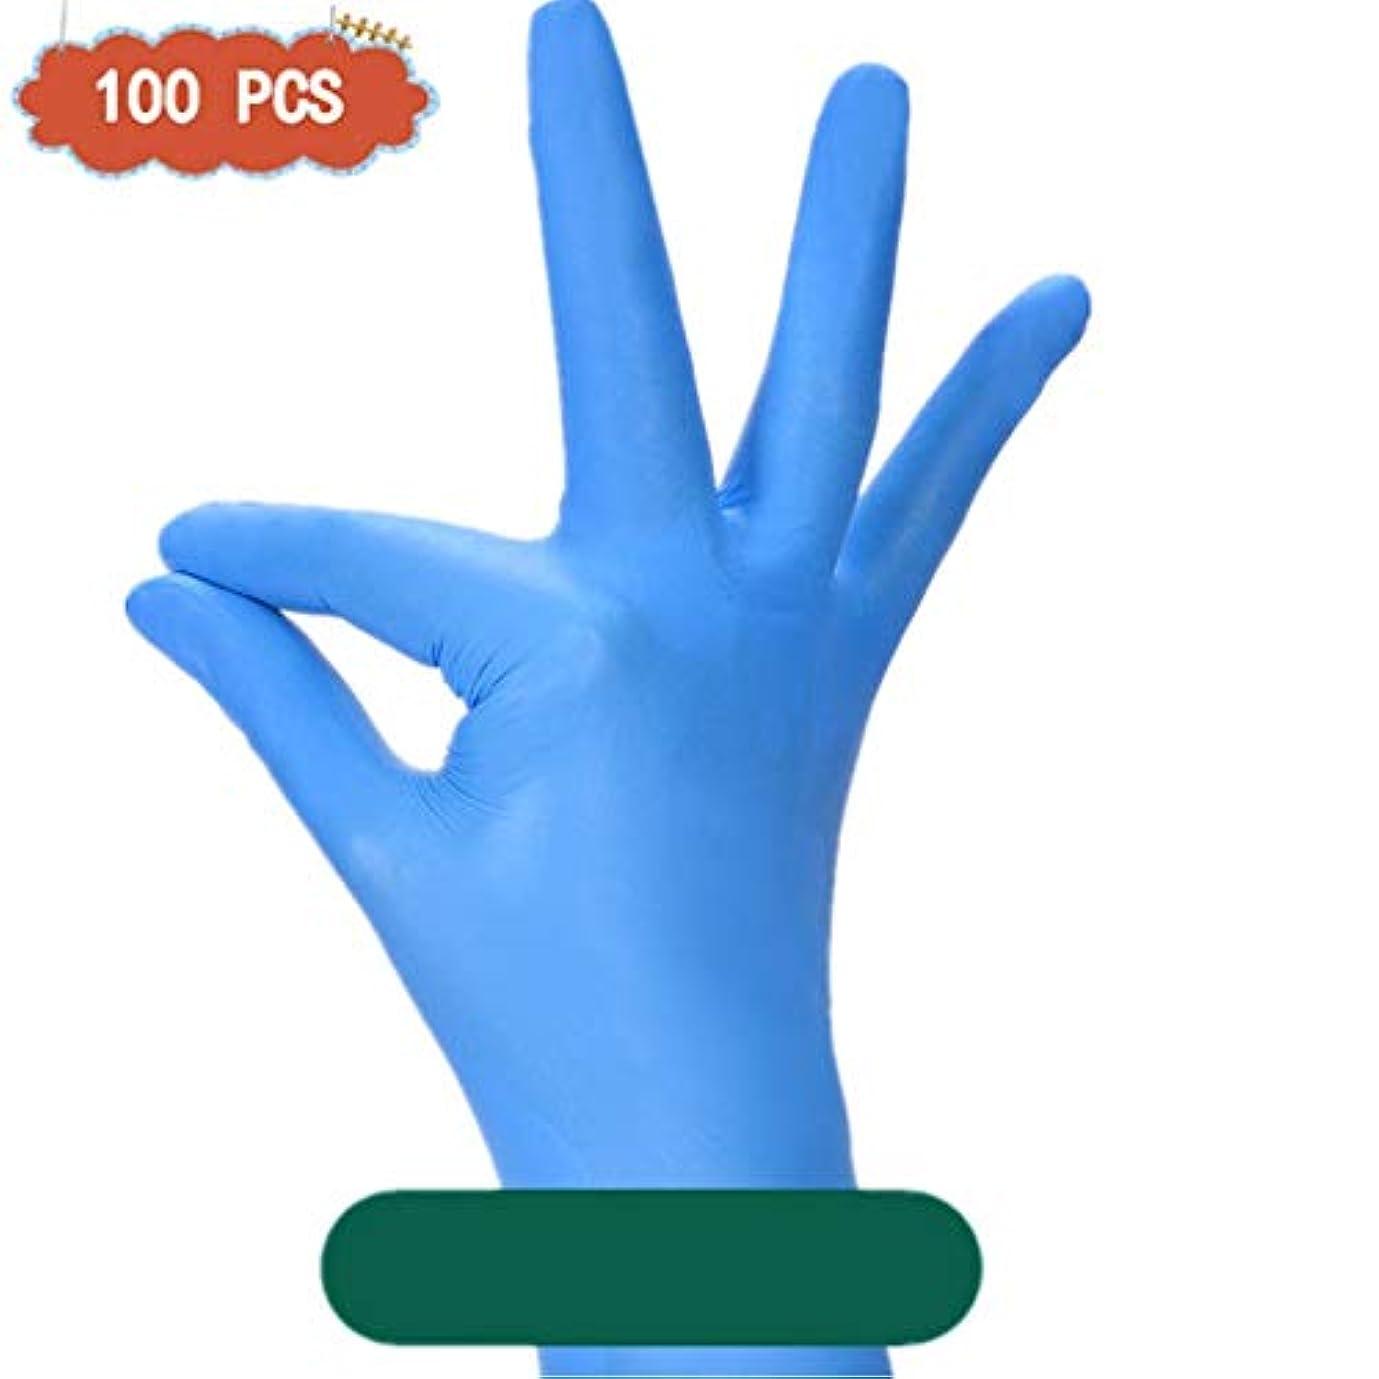 ショッキングリビングルーム定刻ニトリル手袋、12インチの食器洗い用滑り止め防水ゴムと長い厚い使い捨て手袋ペットケアネイルアート検査保護実験、美容院ラテックスフリー、100個 (Size : L)